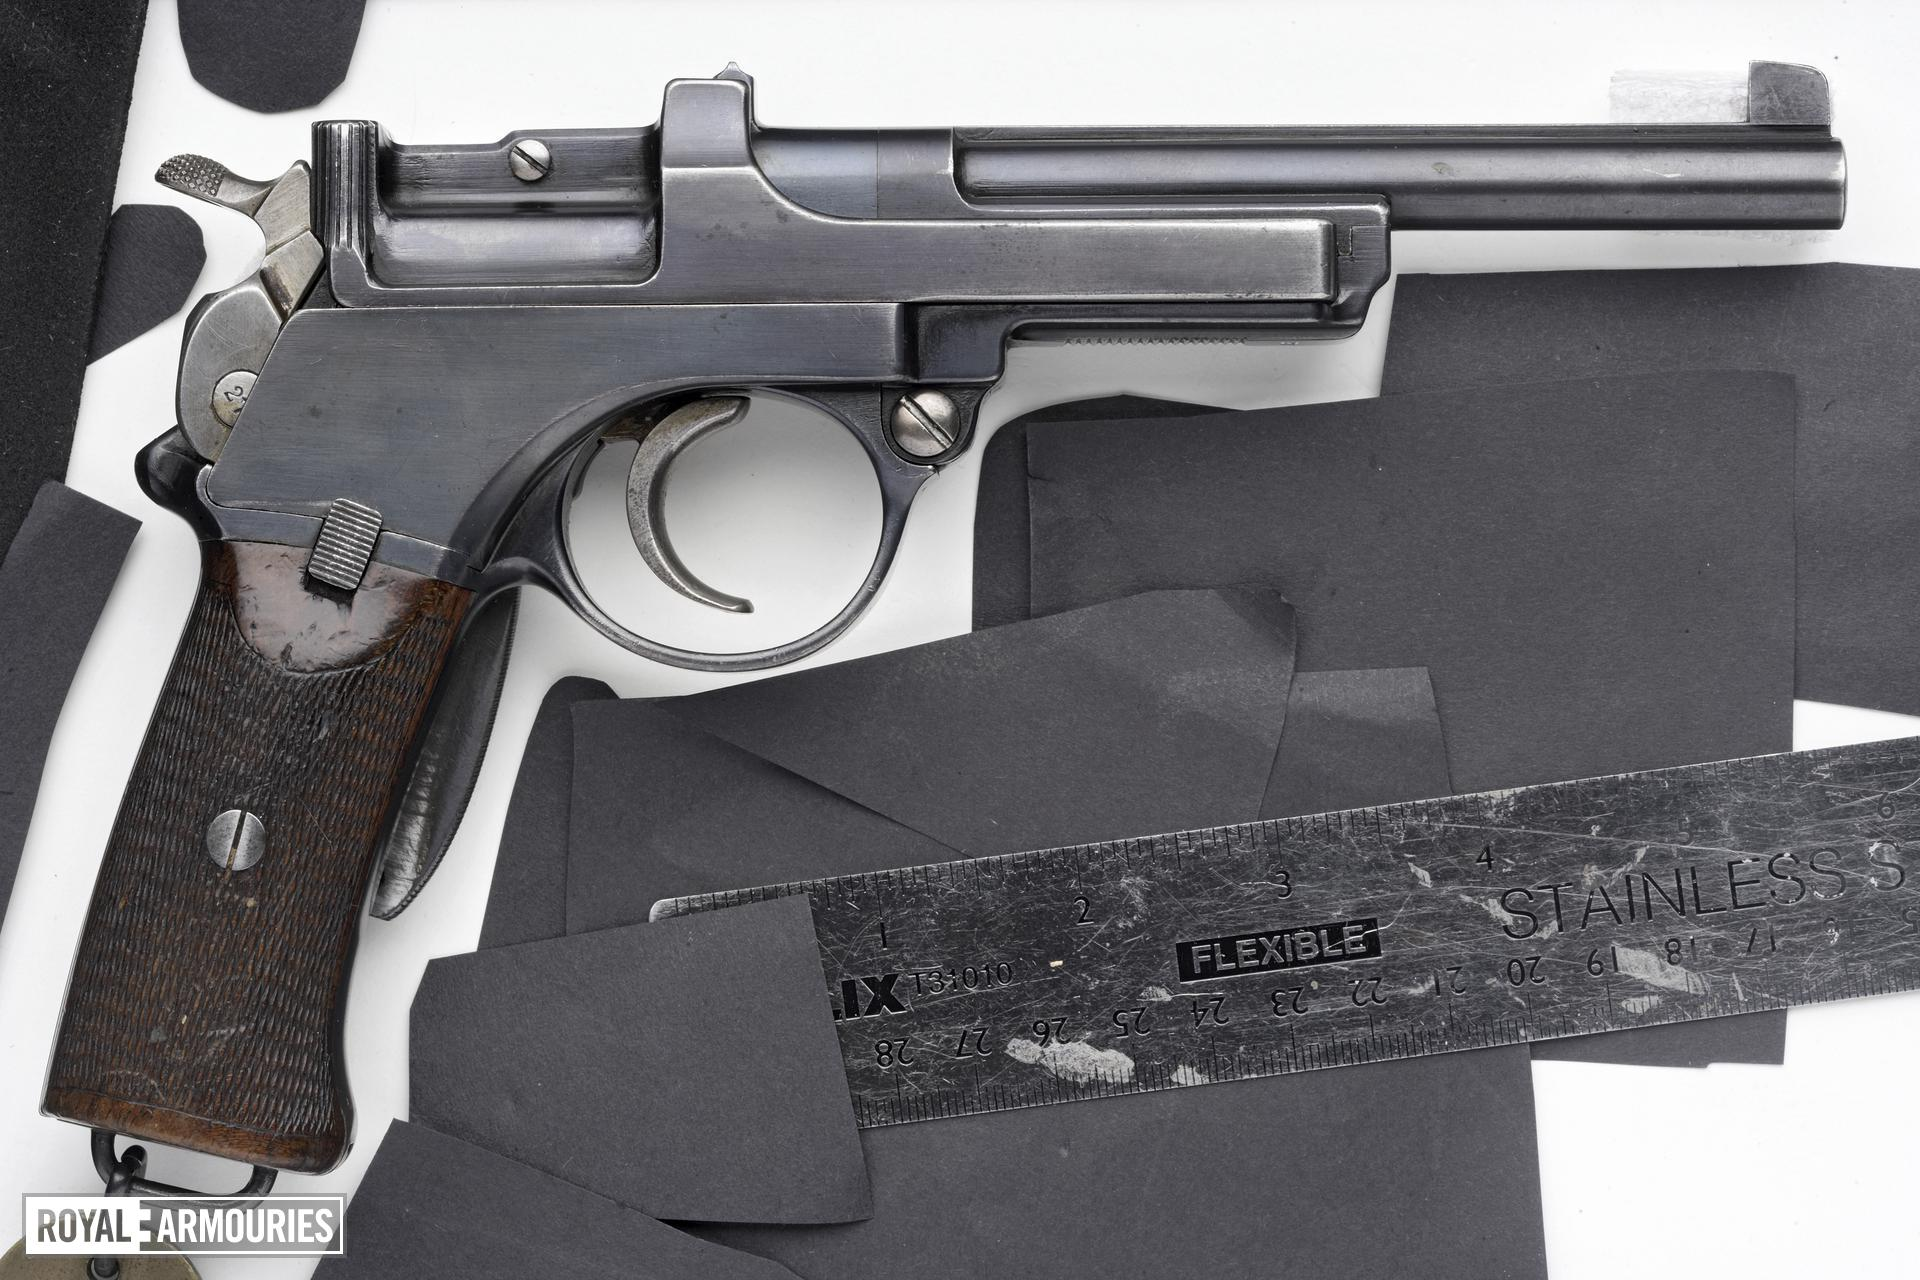 Centrefire self-loading pistol - Mannlicher Model 1900